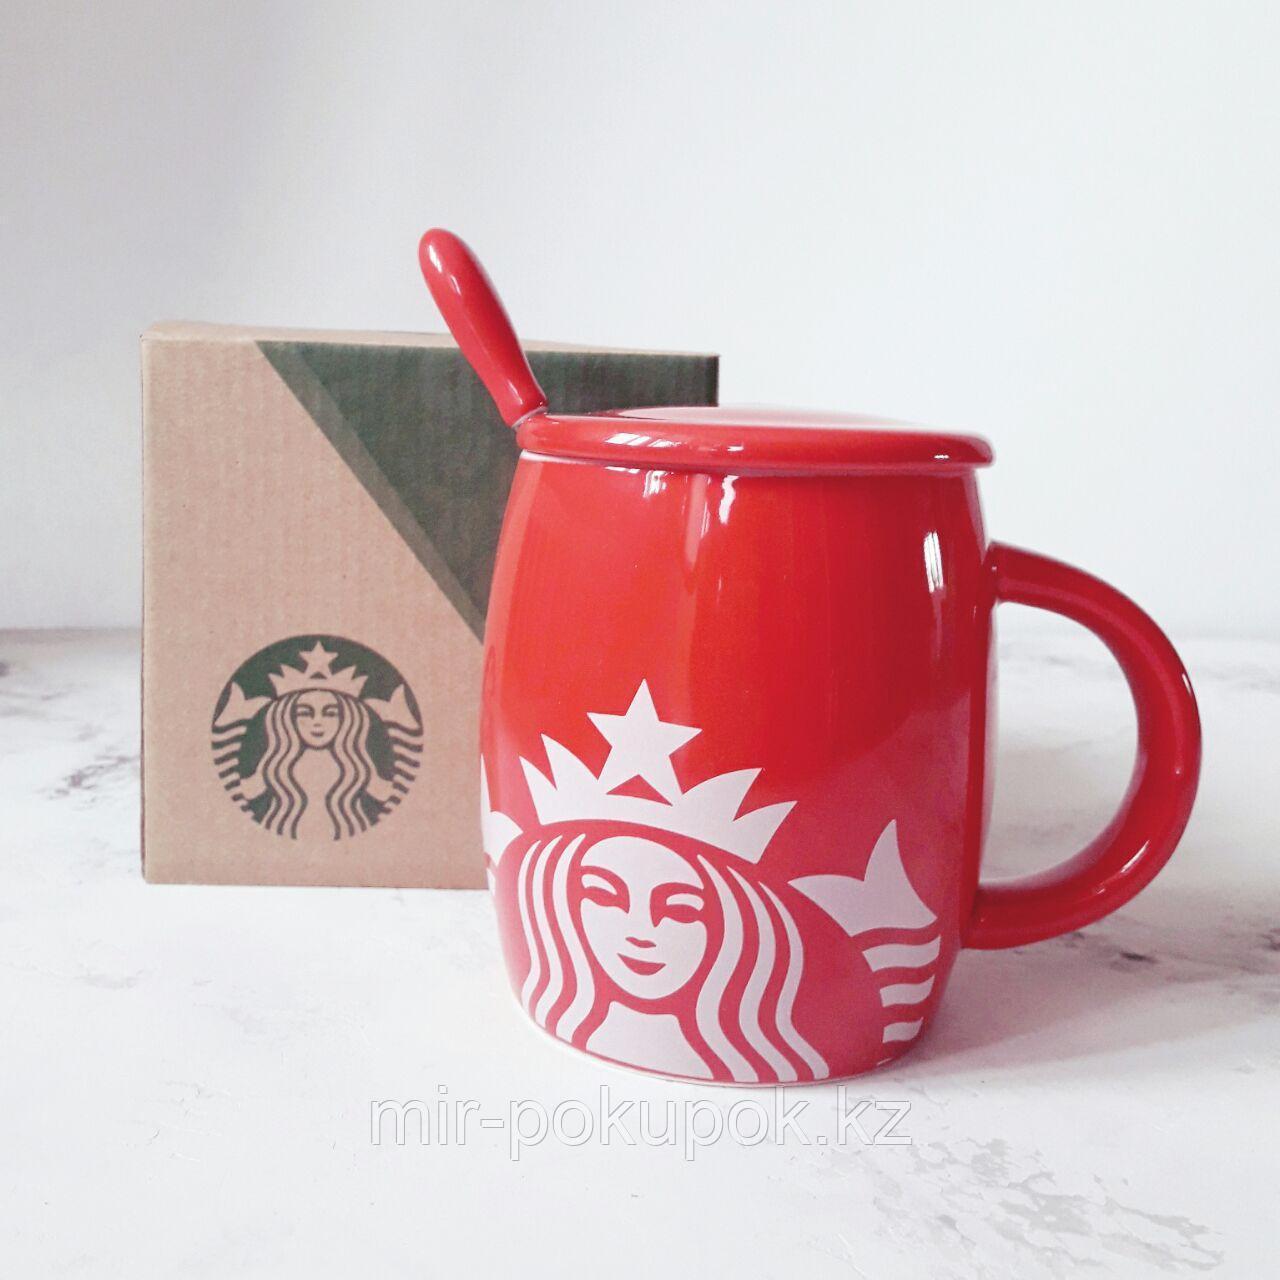 Кружка керамическая Starbucks (старбакс) с блюдцем и ложкой (красный), Алматы